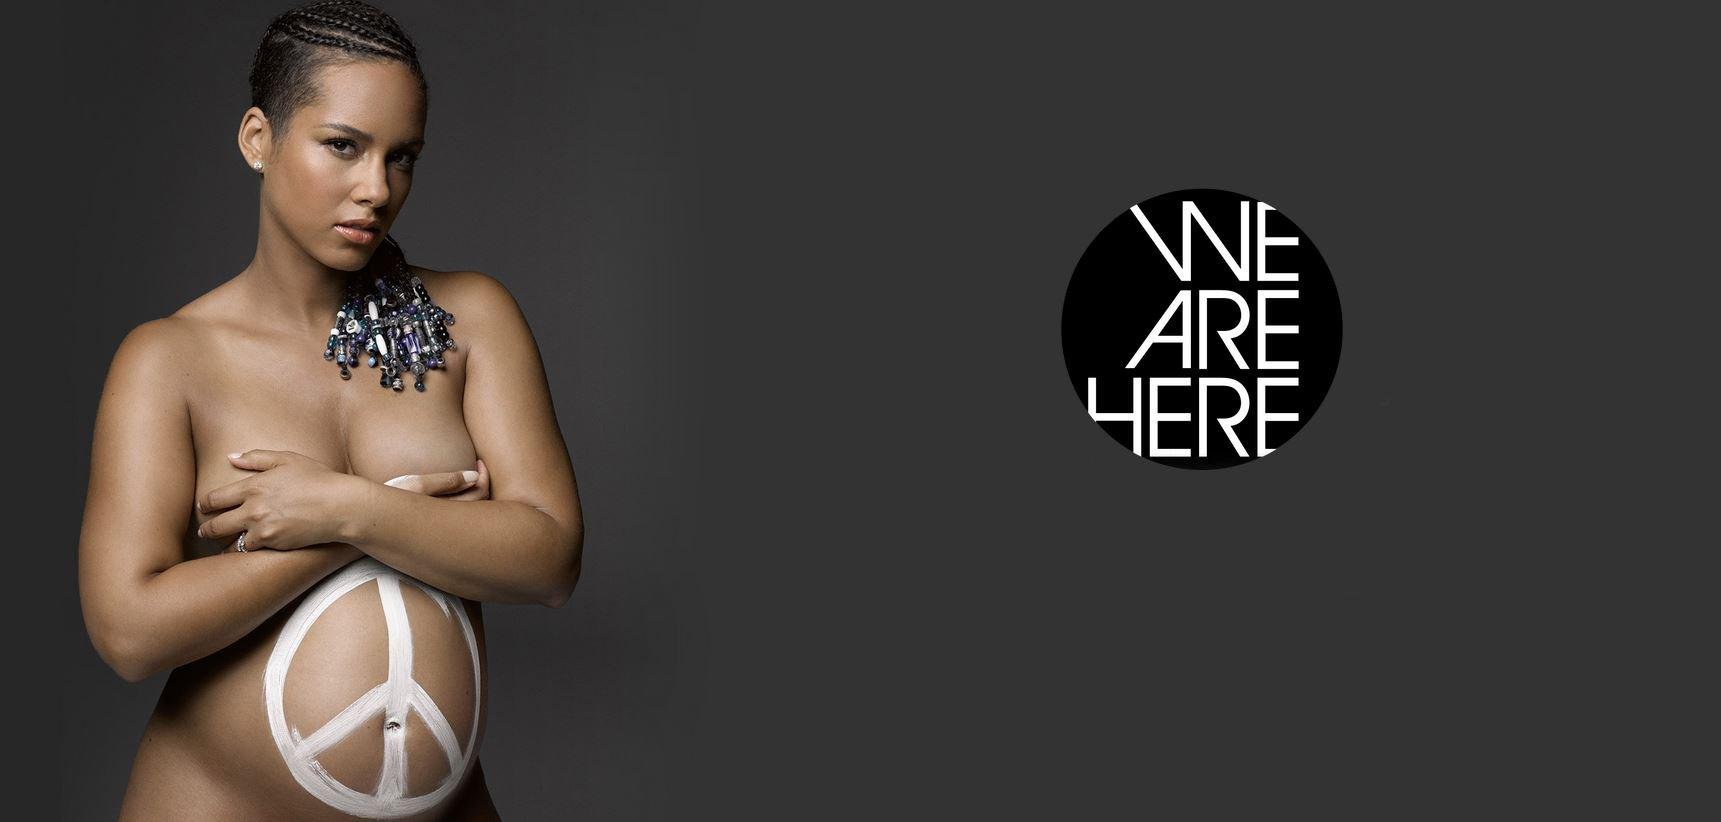 Alicia Keys nue pour la bonne cause !